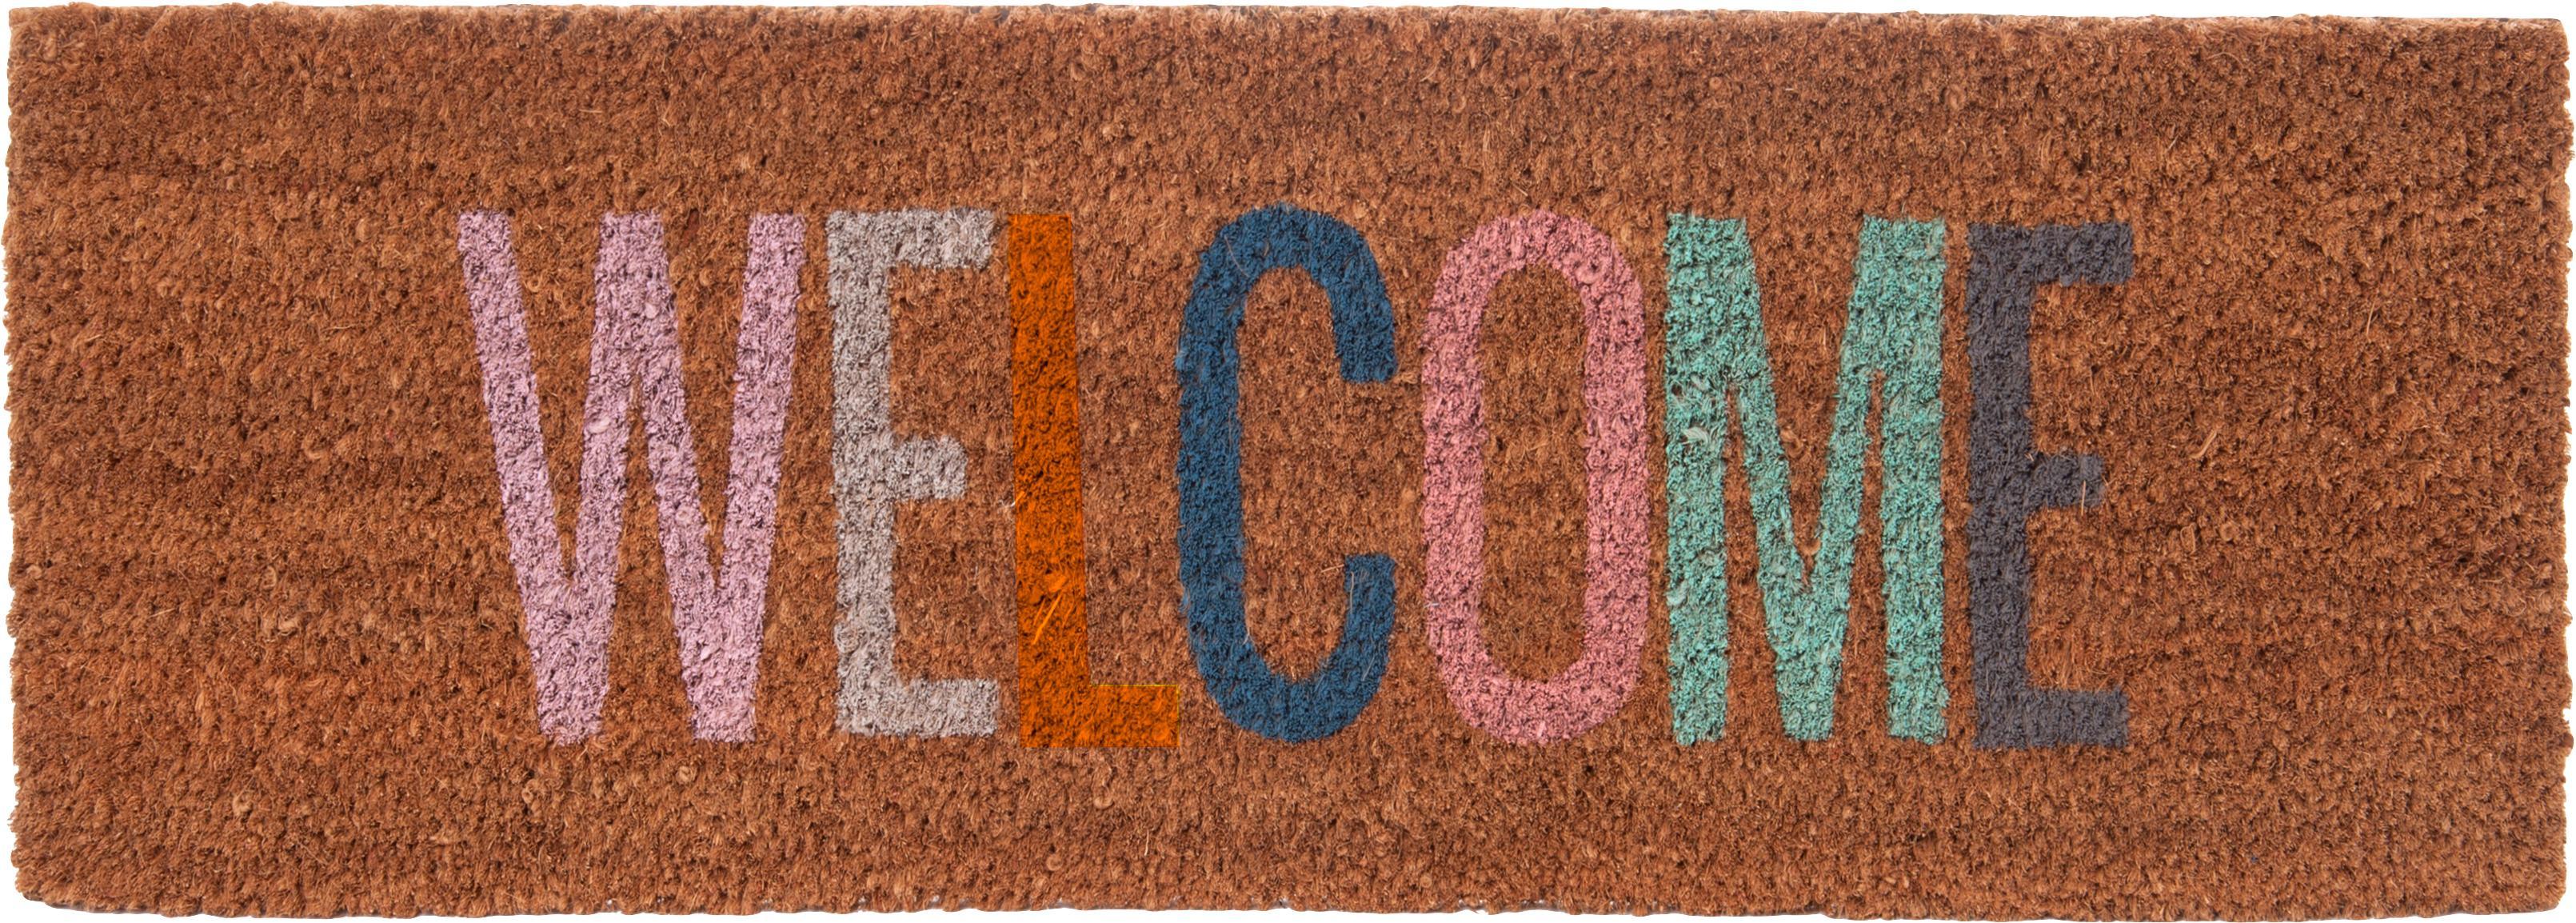 Smalle deurmat Welcome, Kokosvezels, Bruin, 26 x 77 cm